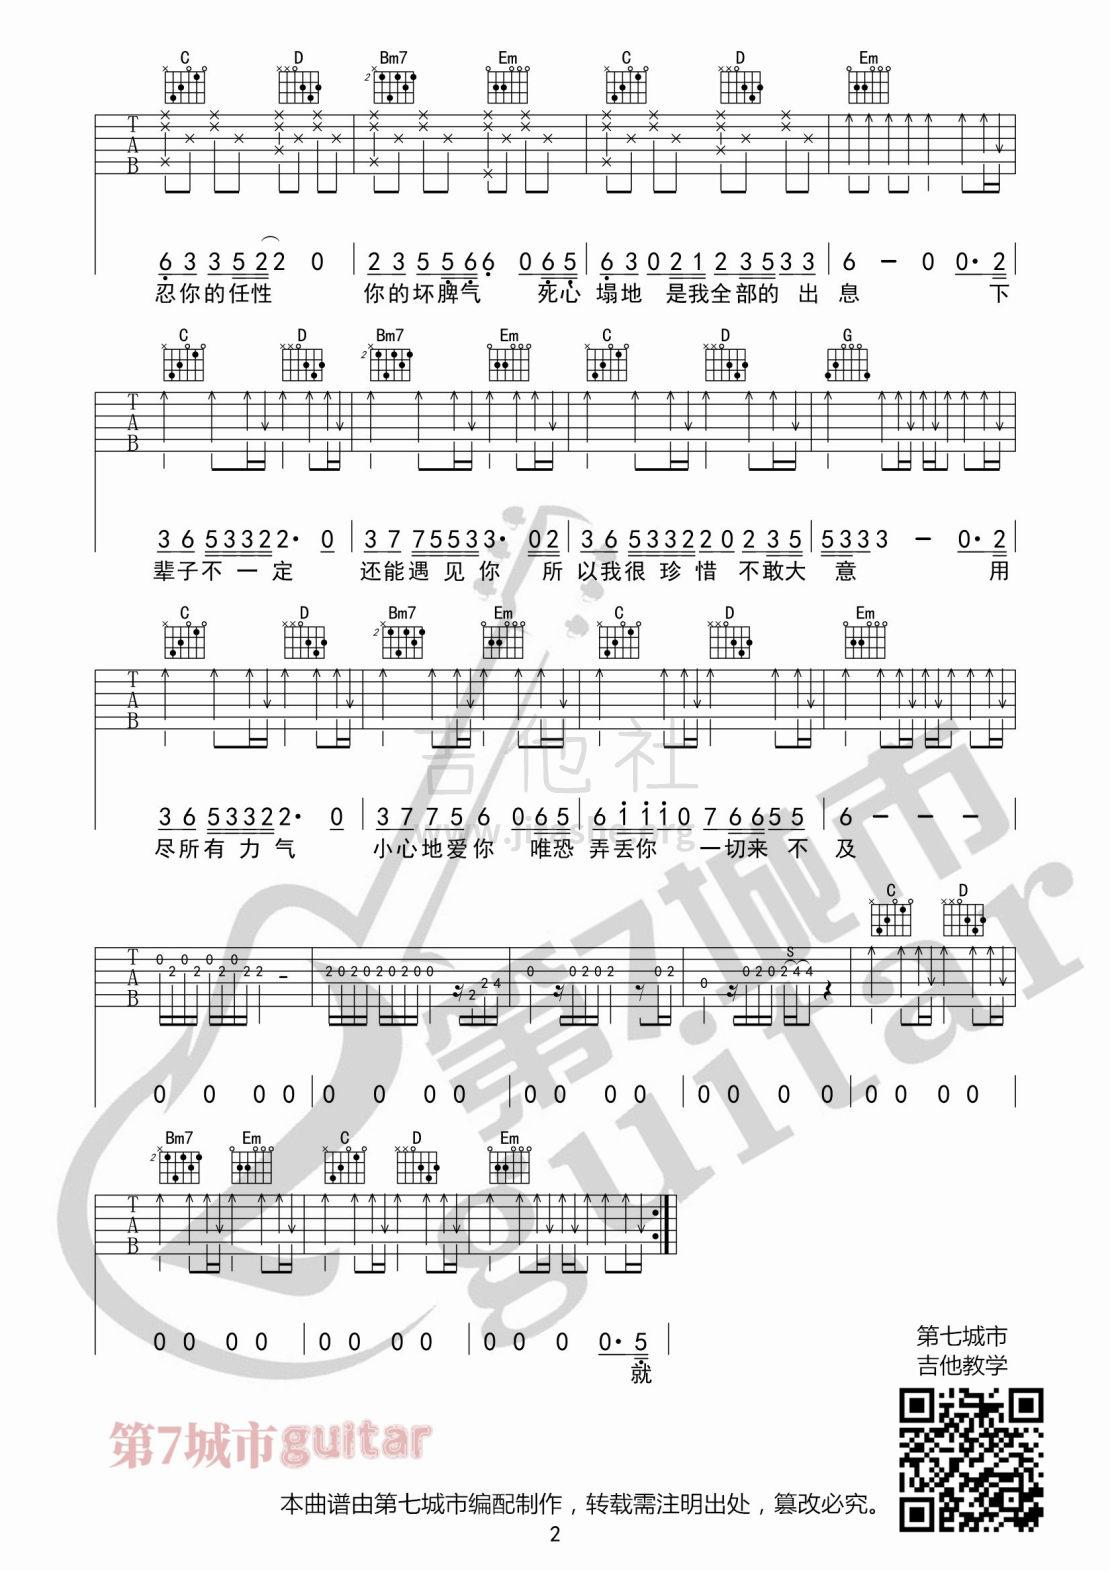 下辈子不一定还能遇见你吉他谱(图片谱,第七城市,弹唱)_陈雅森_D1二维码02_副本.jpg